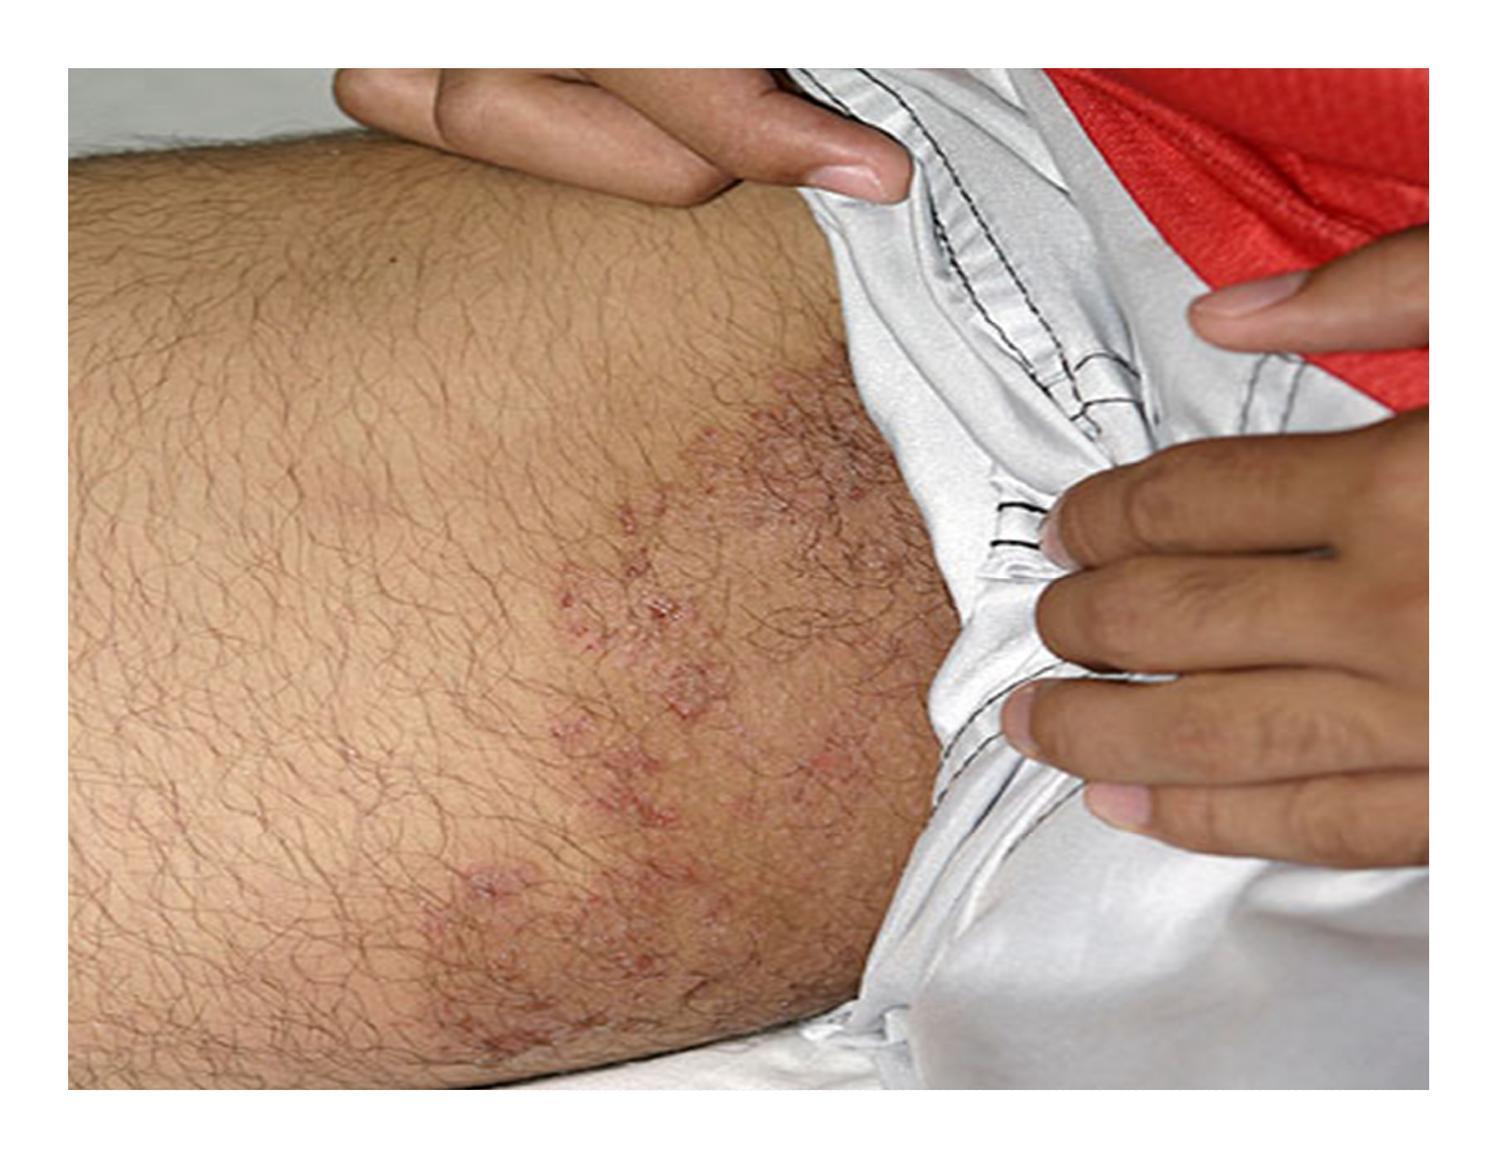 Лечение пахового грибка - симптомы, эффективные методы и средства против поражения кожи